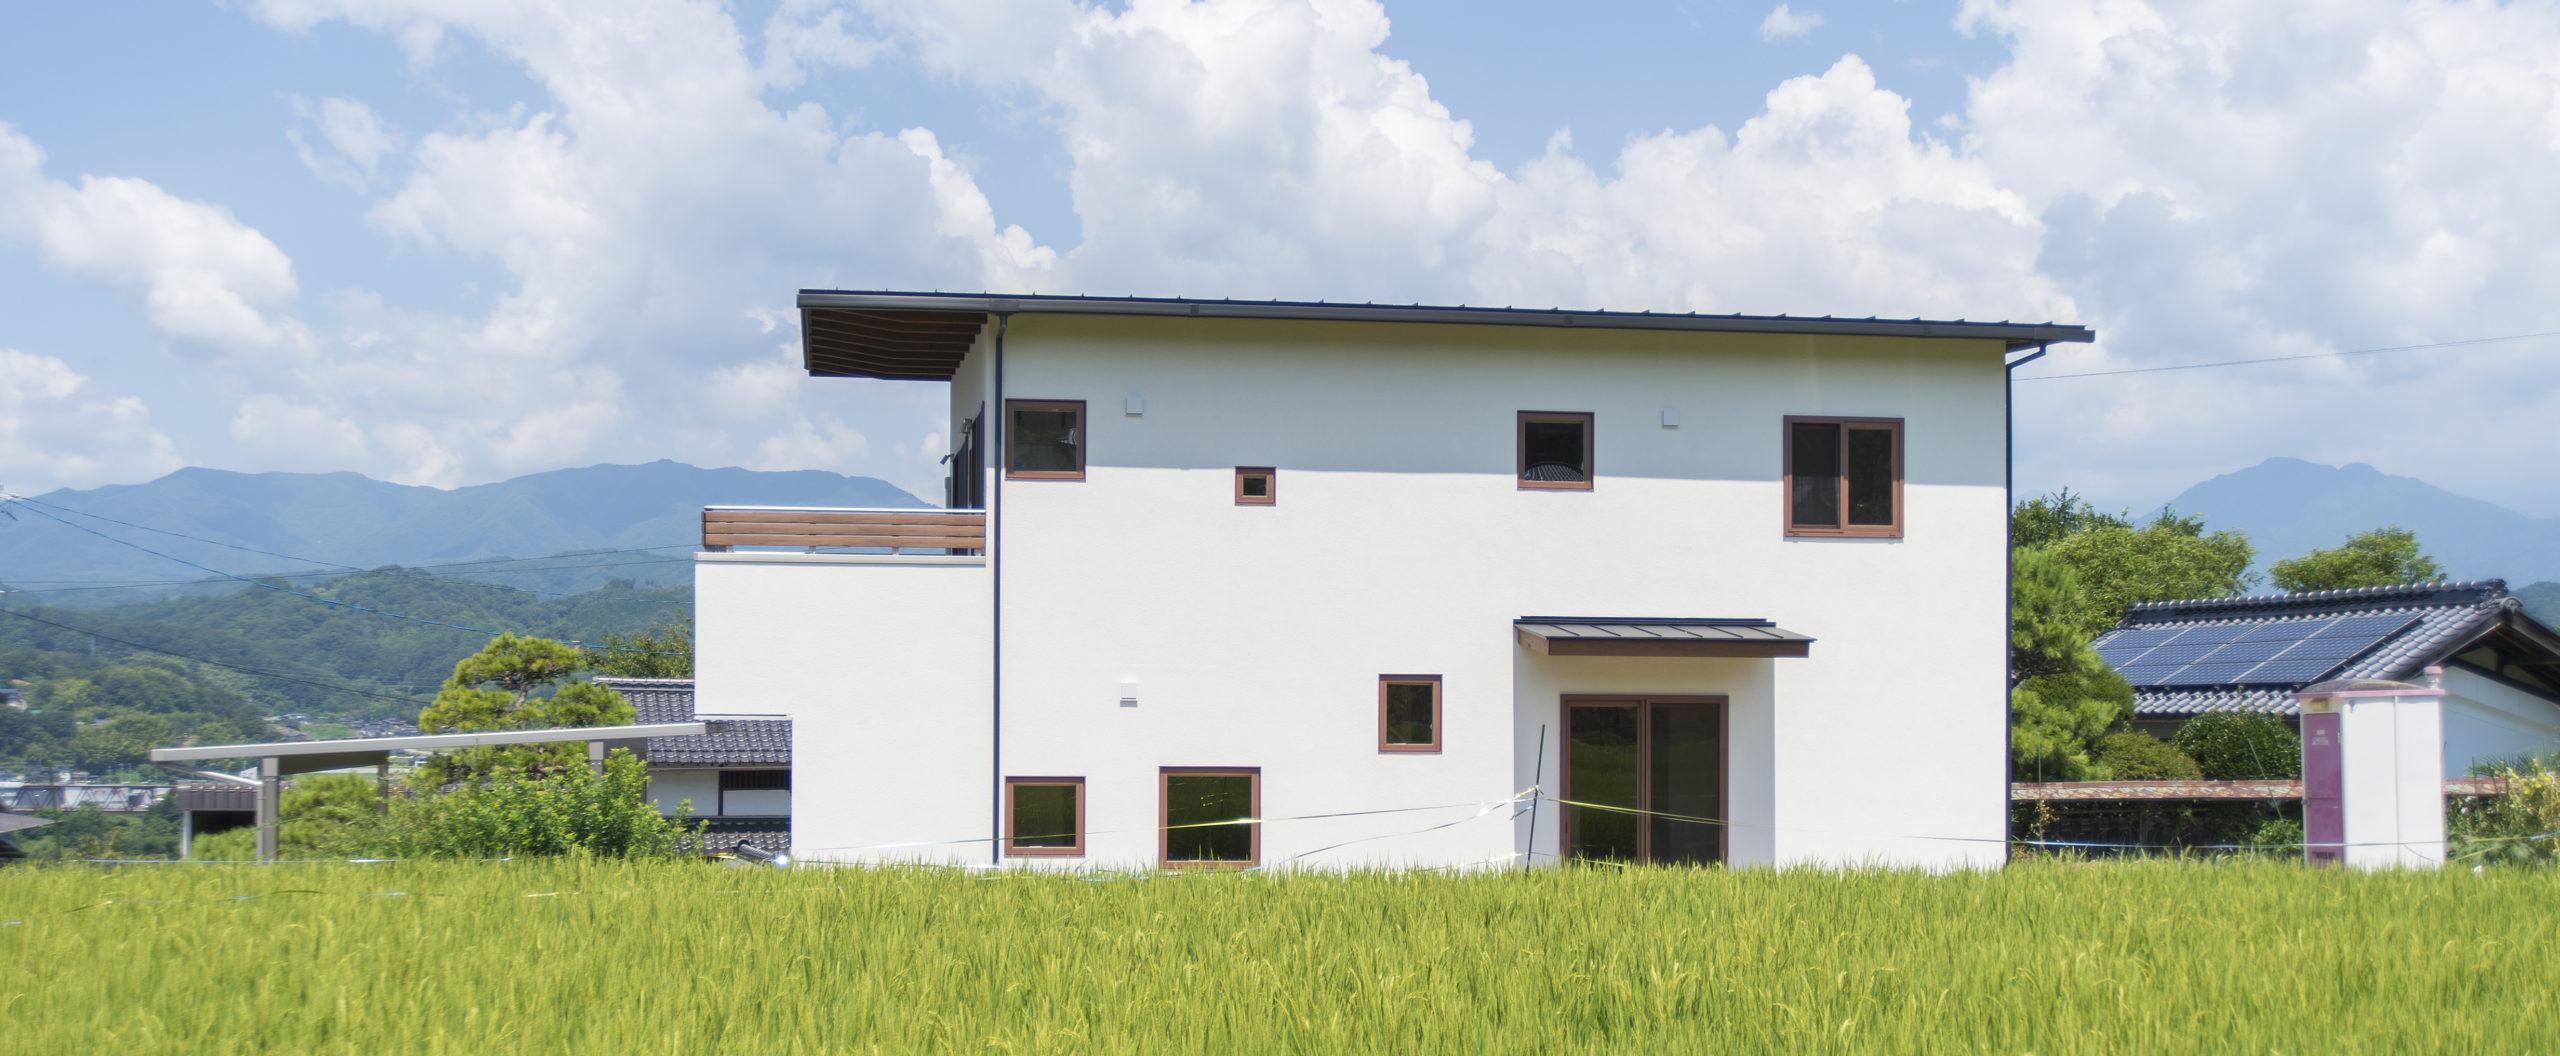 住宅の設計・施行、リフォーム、リノベーション、家具、鉄製品の設計・加工、施工、薪販売のことならOTECへ